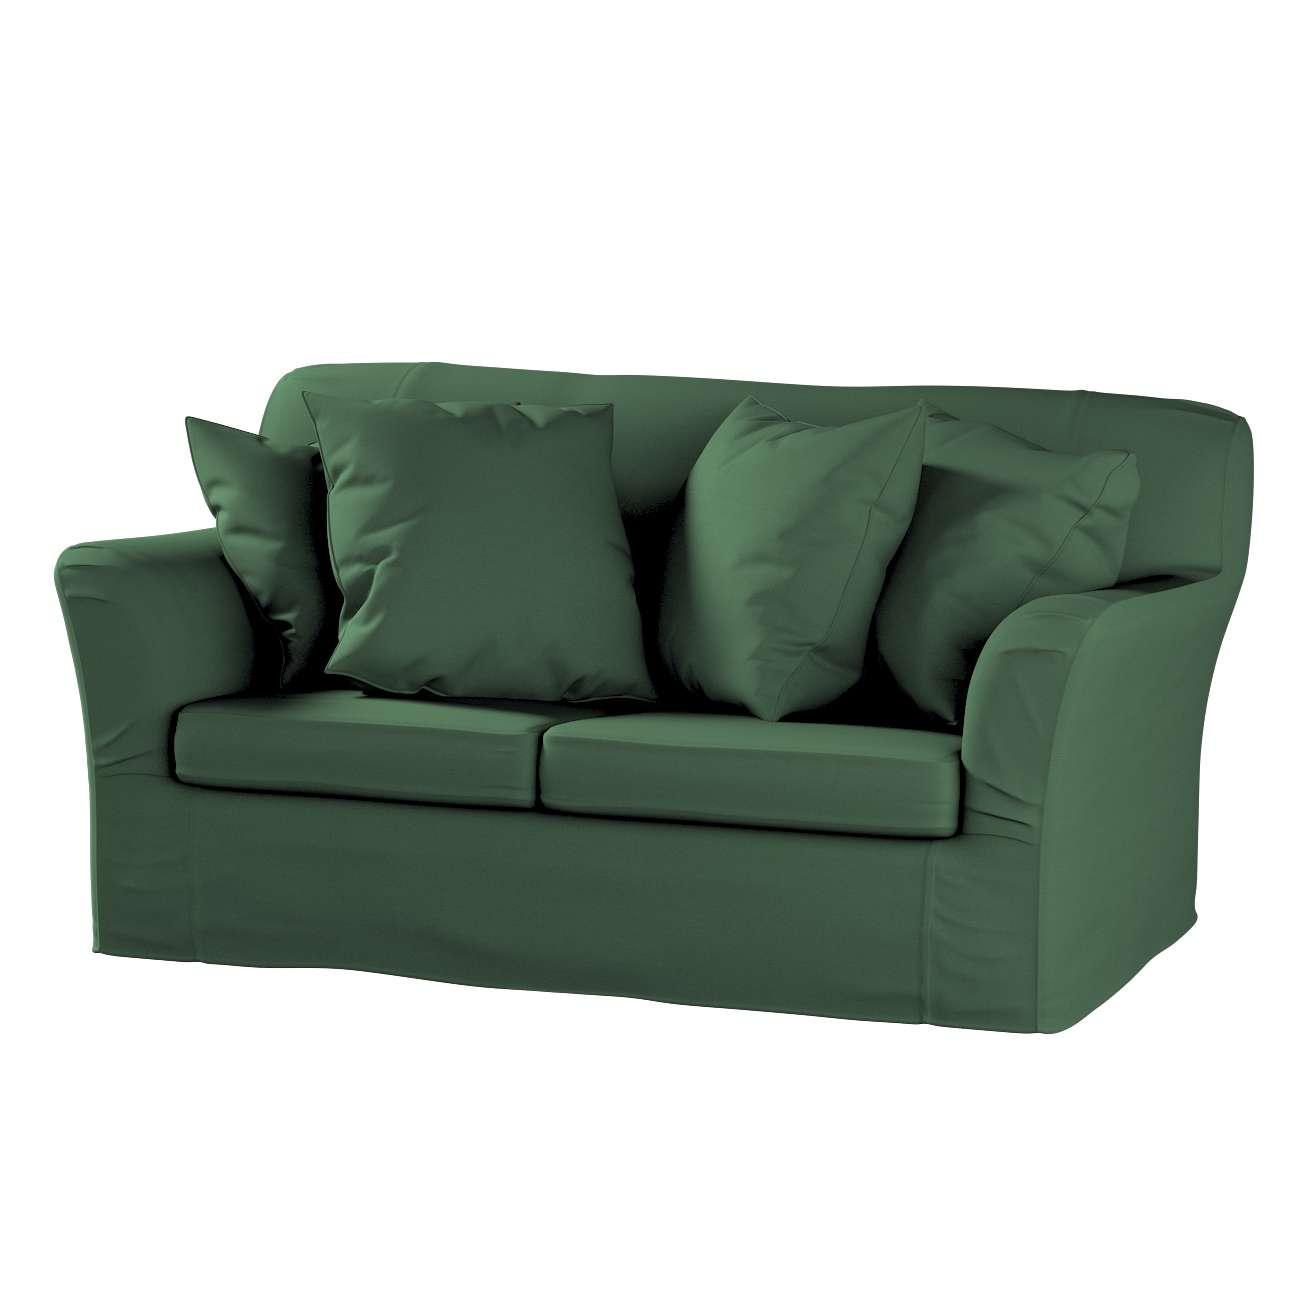 Pokrowiec na sofę Tomelilla 2-osobową nierozkładaną Sofa Tomelilla 2-osobowa w kolekcji Cotton Panama, tkanina: 702-06